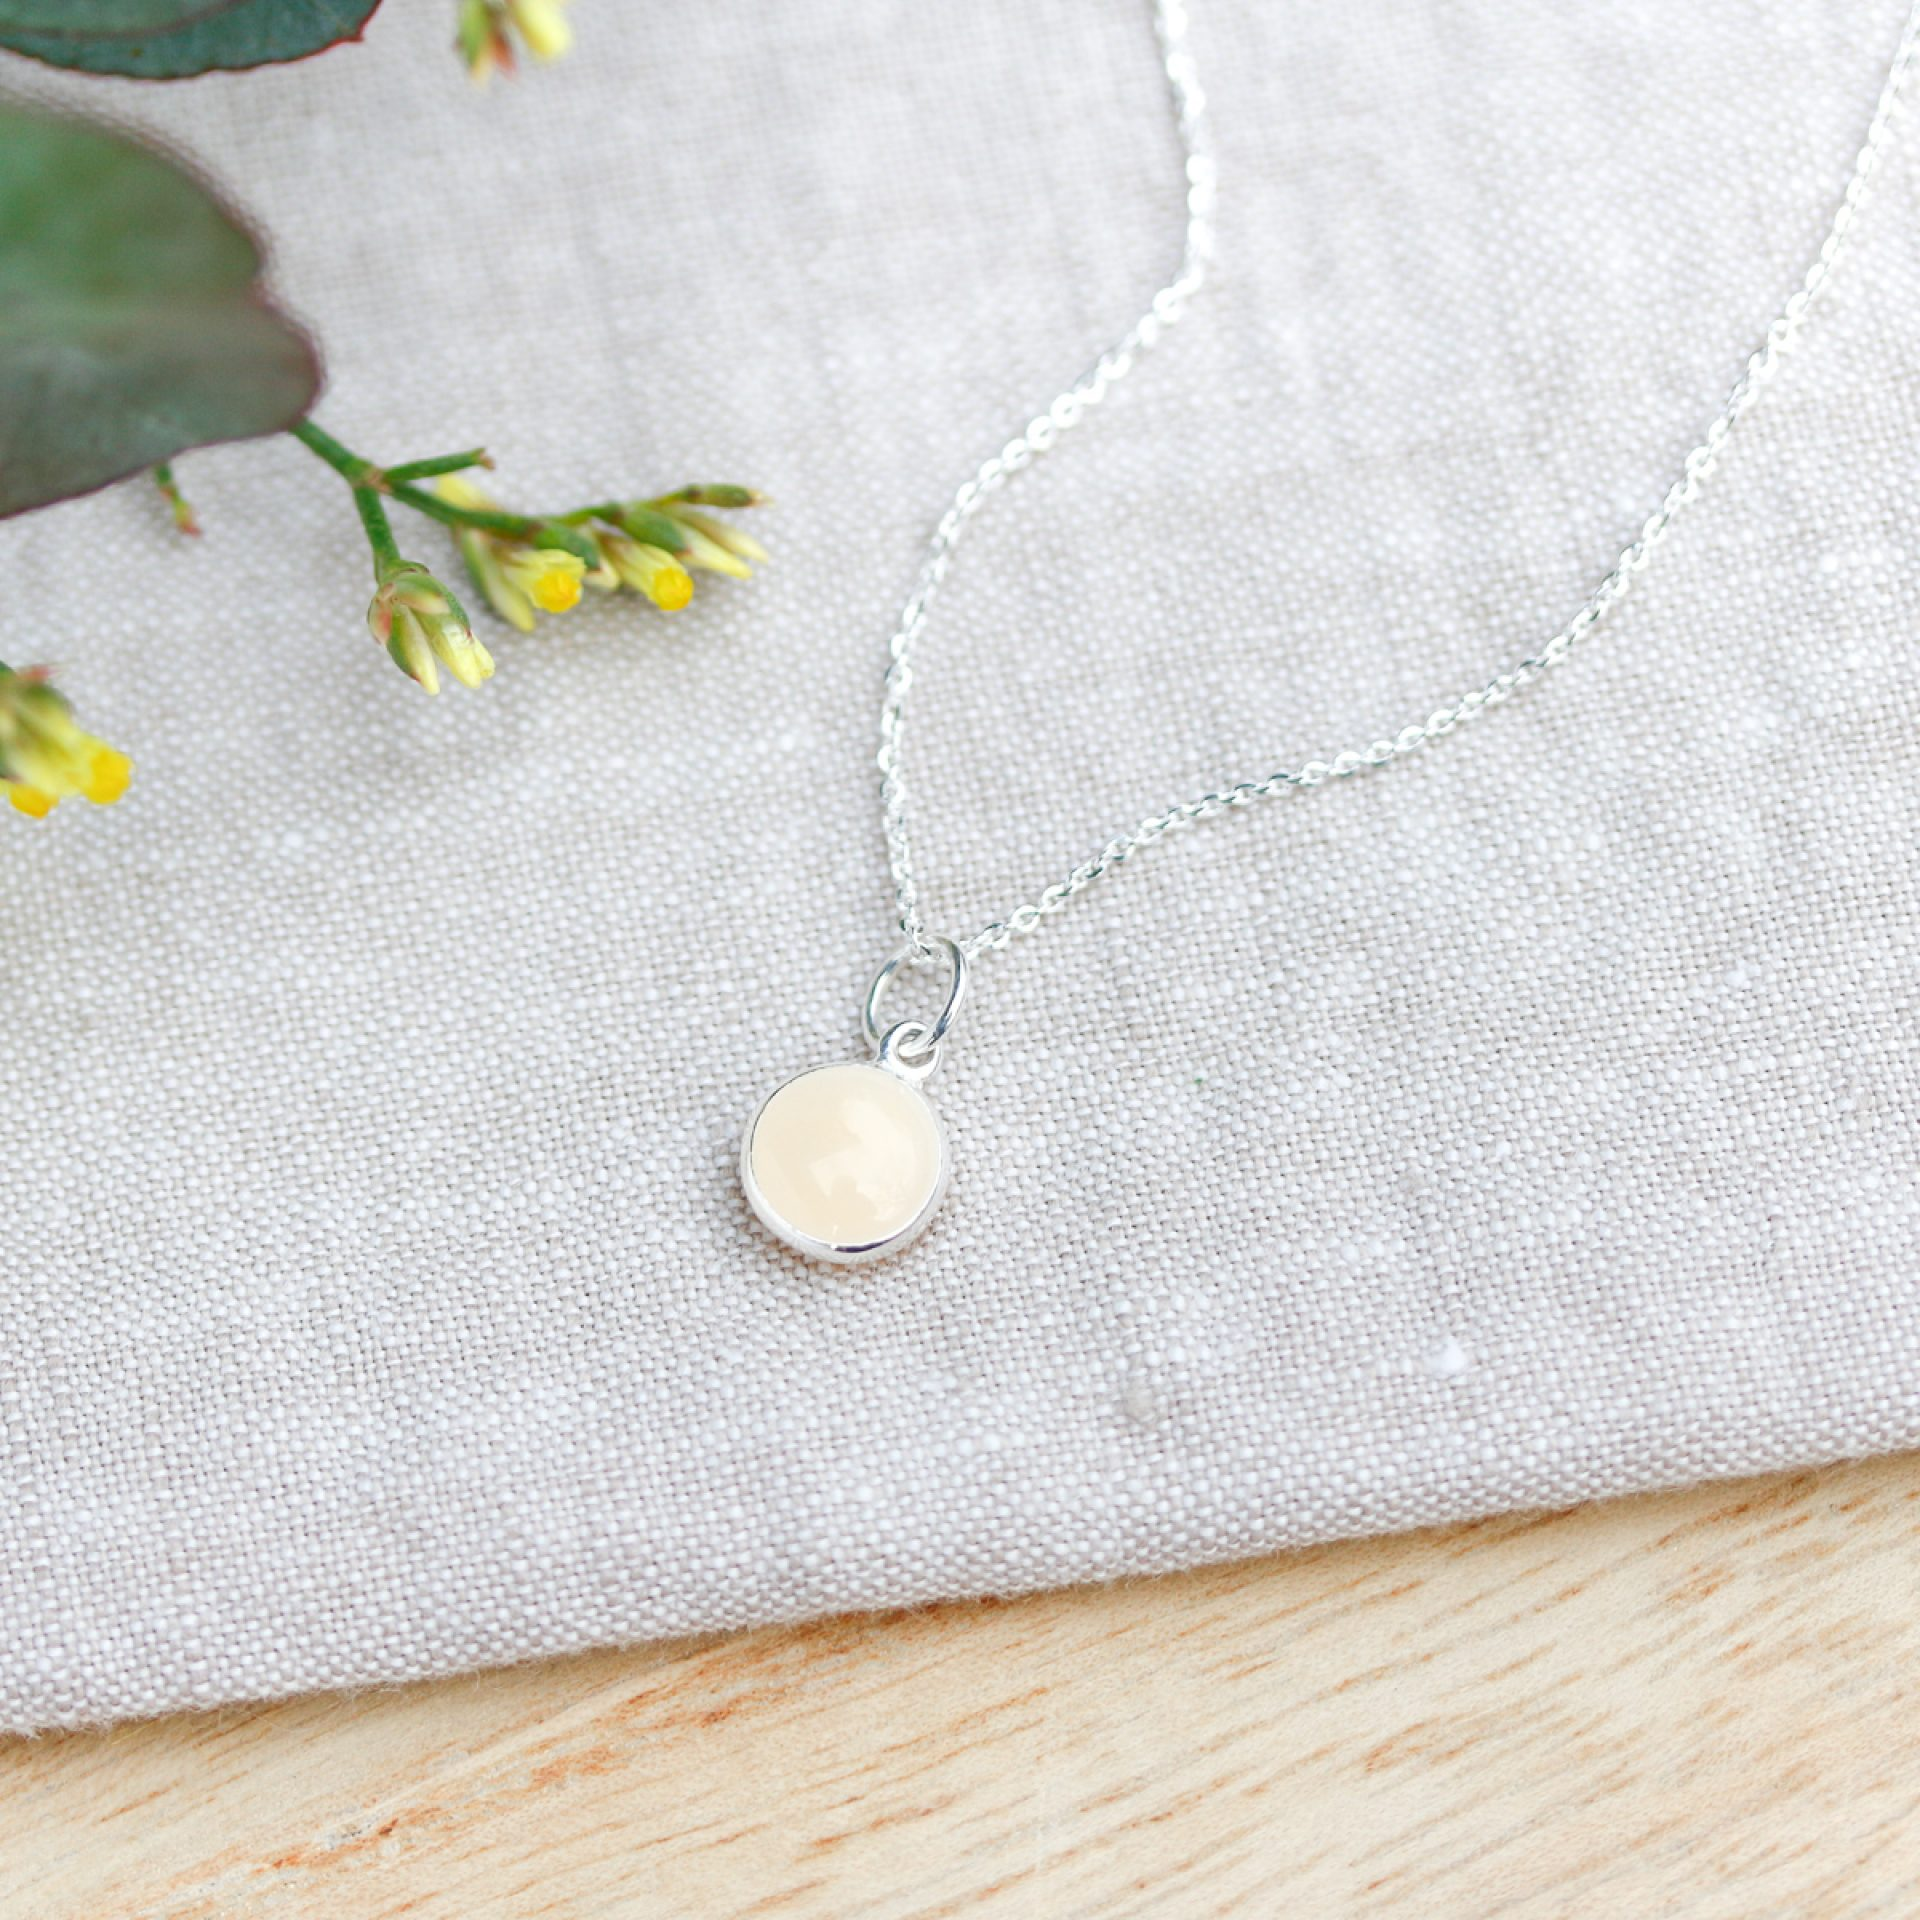 Muttermilchschmuck Schweiz Gold Halskette Gravur Plättchen Coin Muttermilch Schmuck Deutschland Silber Gold